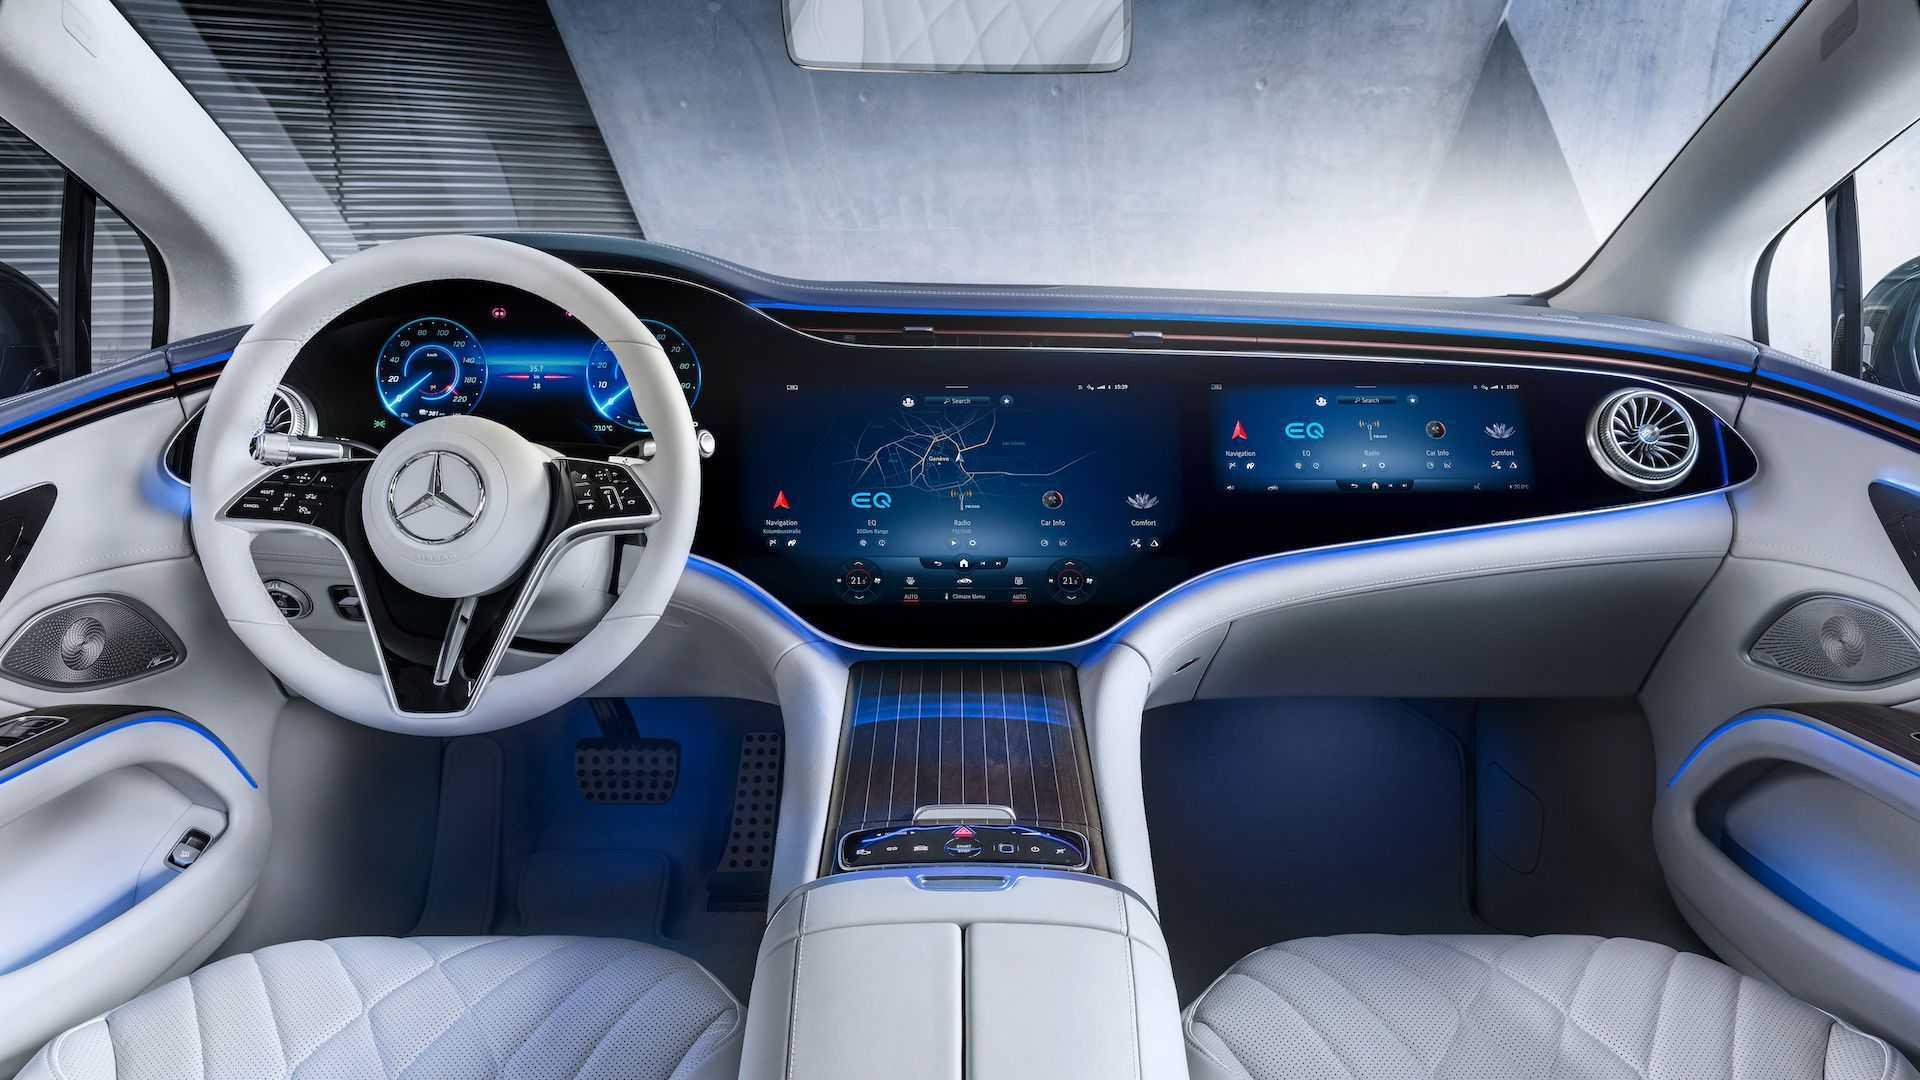 奔驰上海车展阵容曝光!网友:电动化才是未来的大趋势